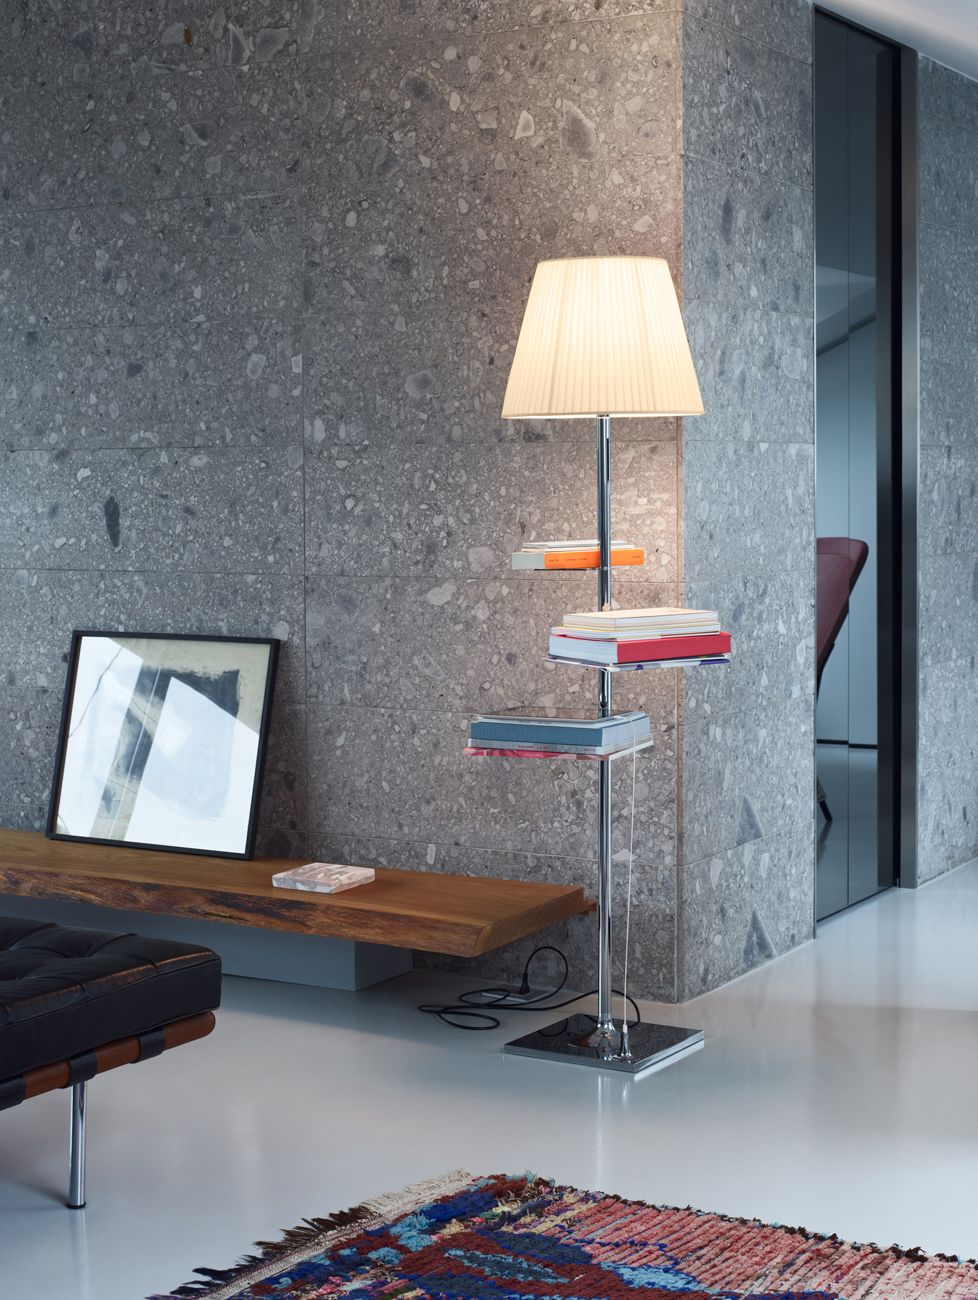 30 soluzioni per illuminare il soggiorno - Foto 1 ...